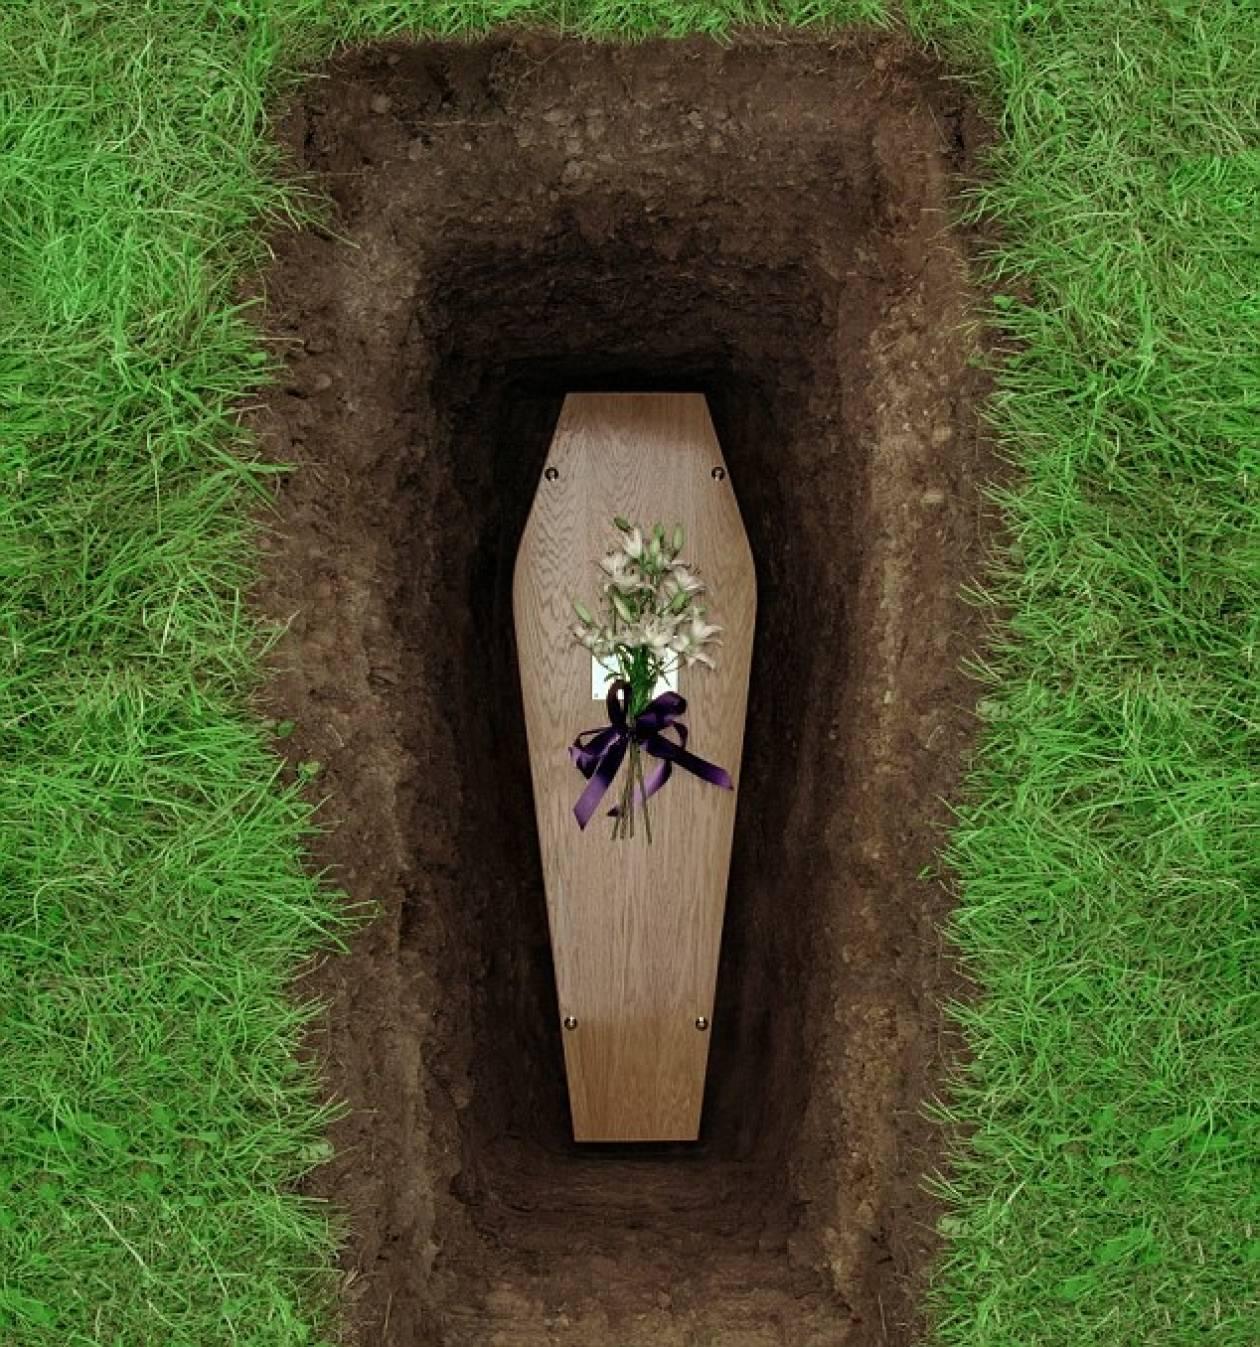 Νεκρόφιλος προσπάθησε να κάνει σεξ σε τάφο και τον... πήρε ο ύπνος!